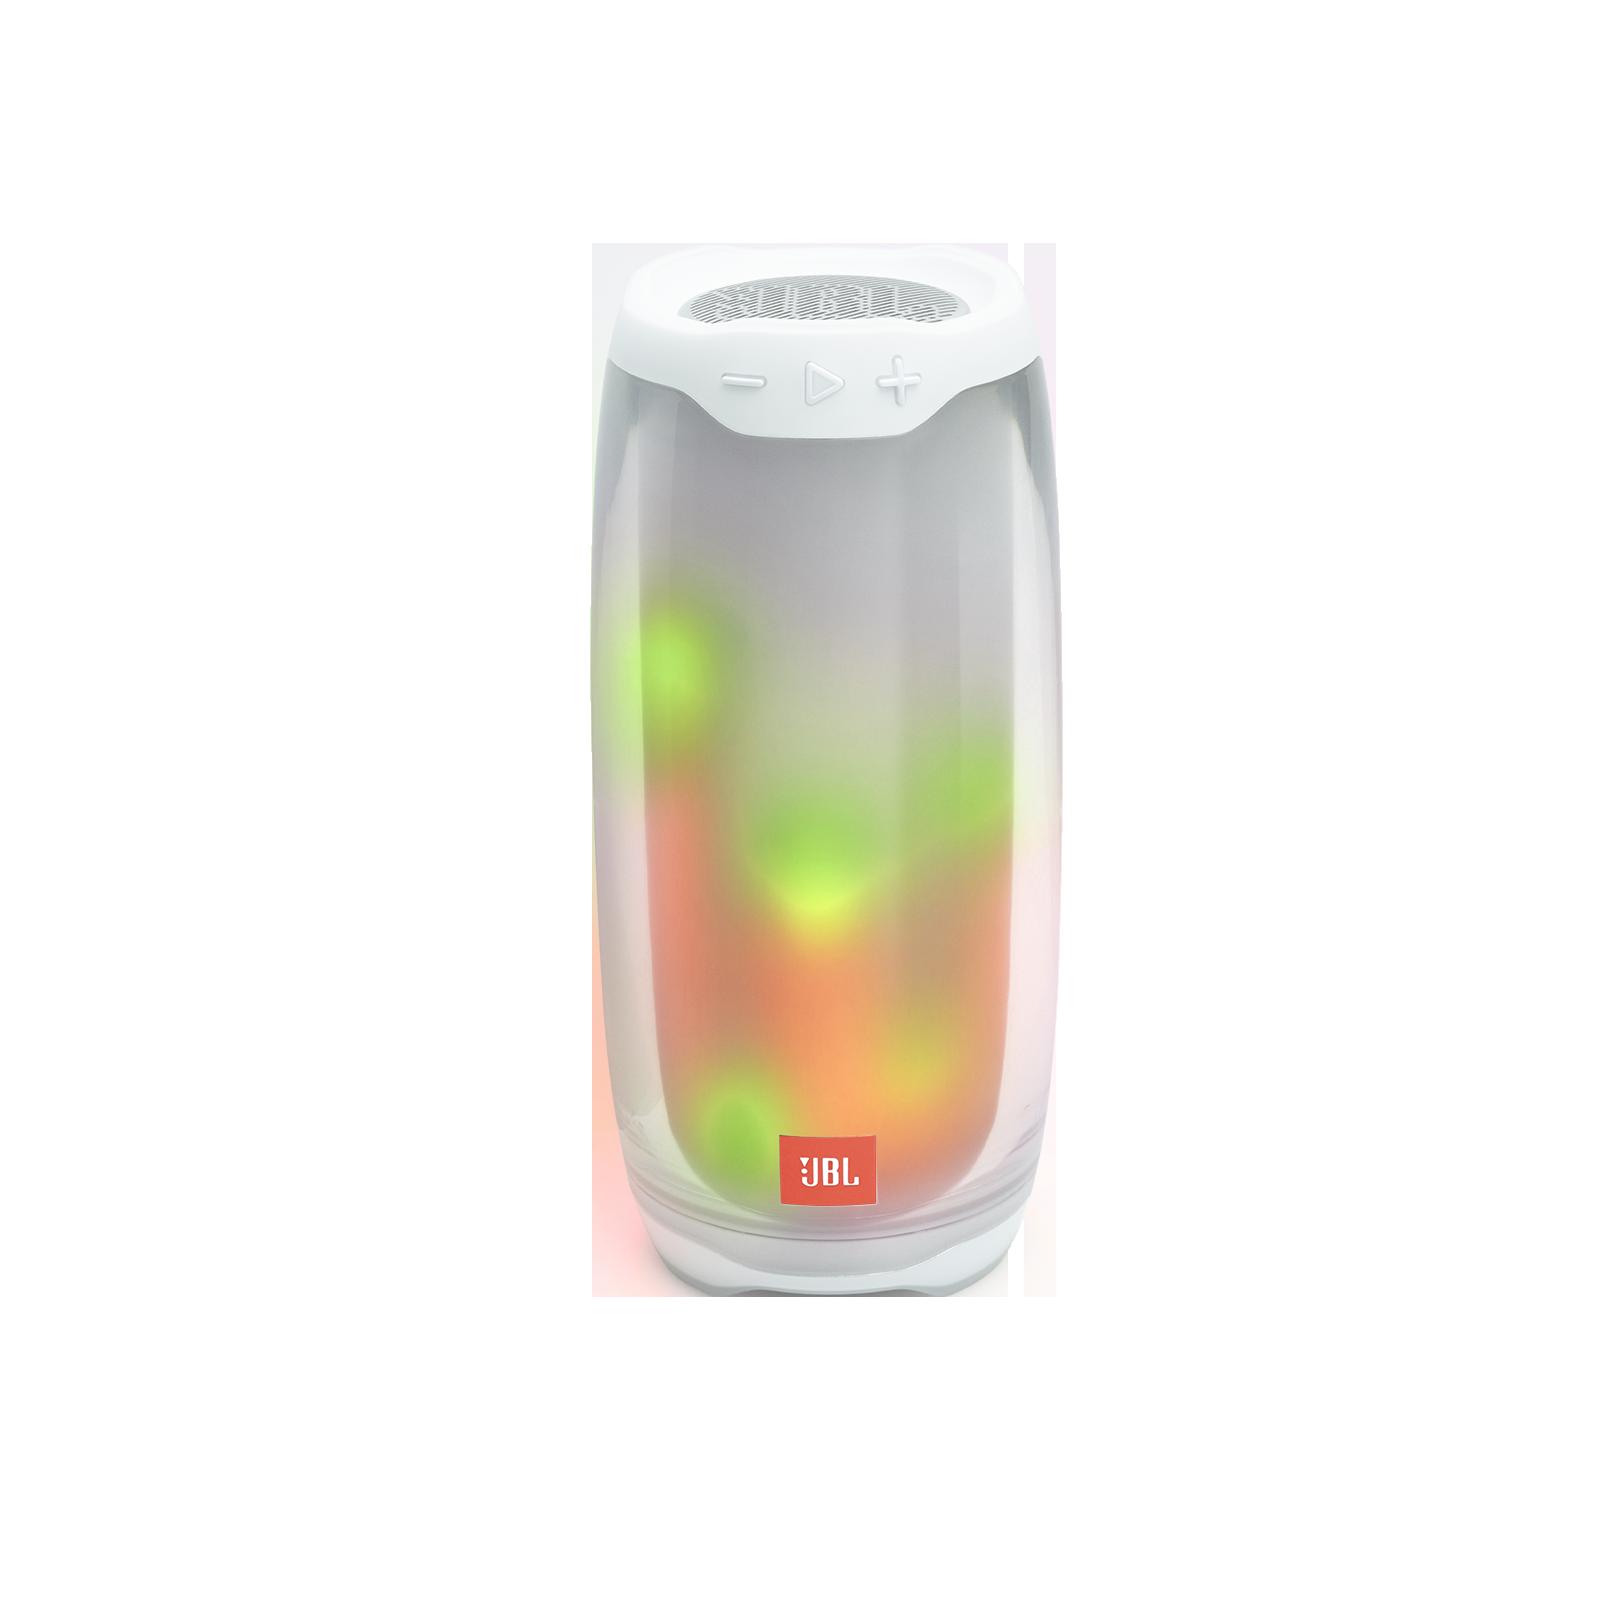 JBL Pulse 4 - White - Portable Bluetooth Speaker - Detailshot 2